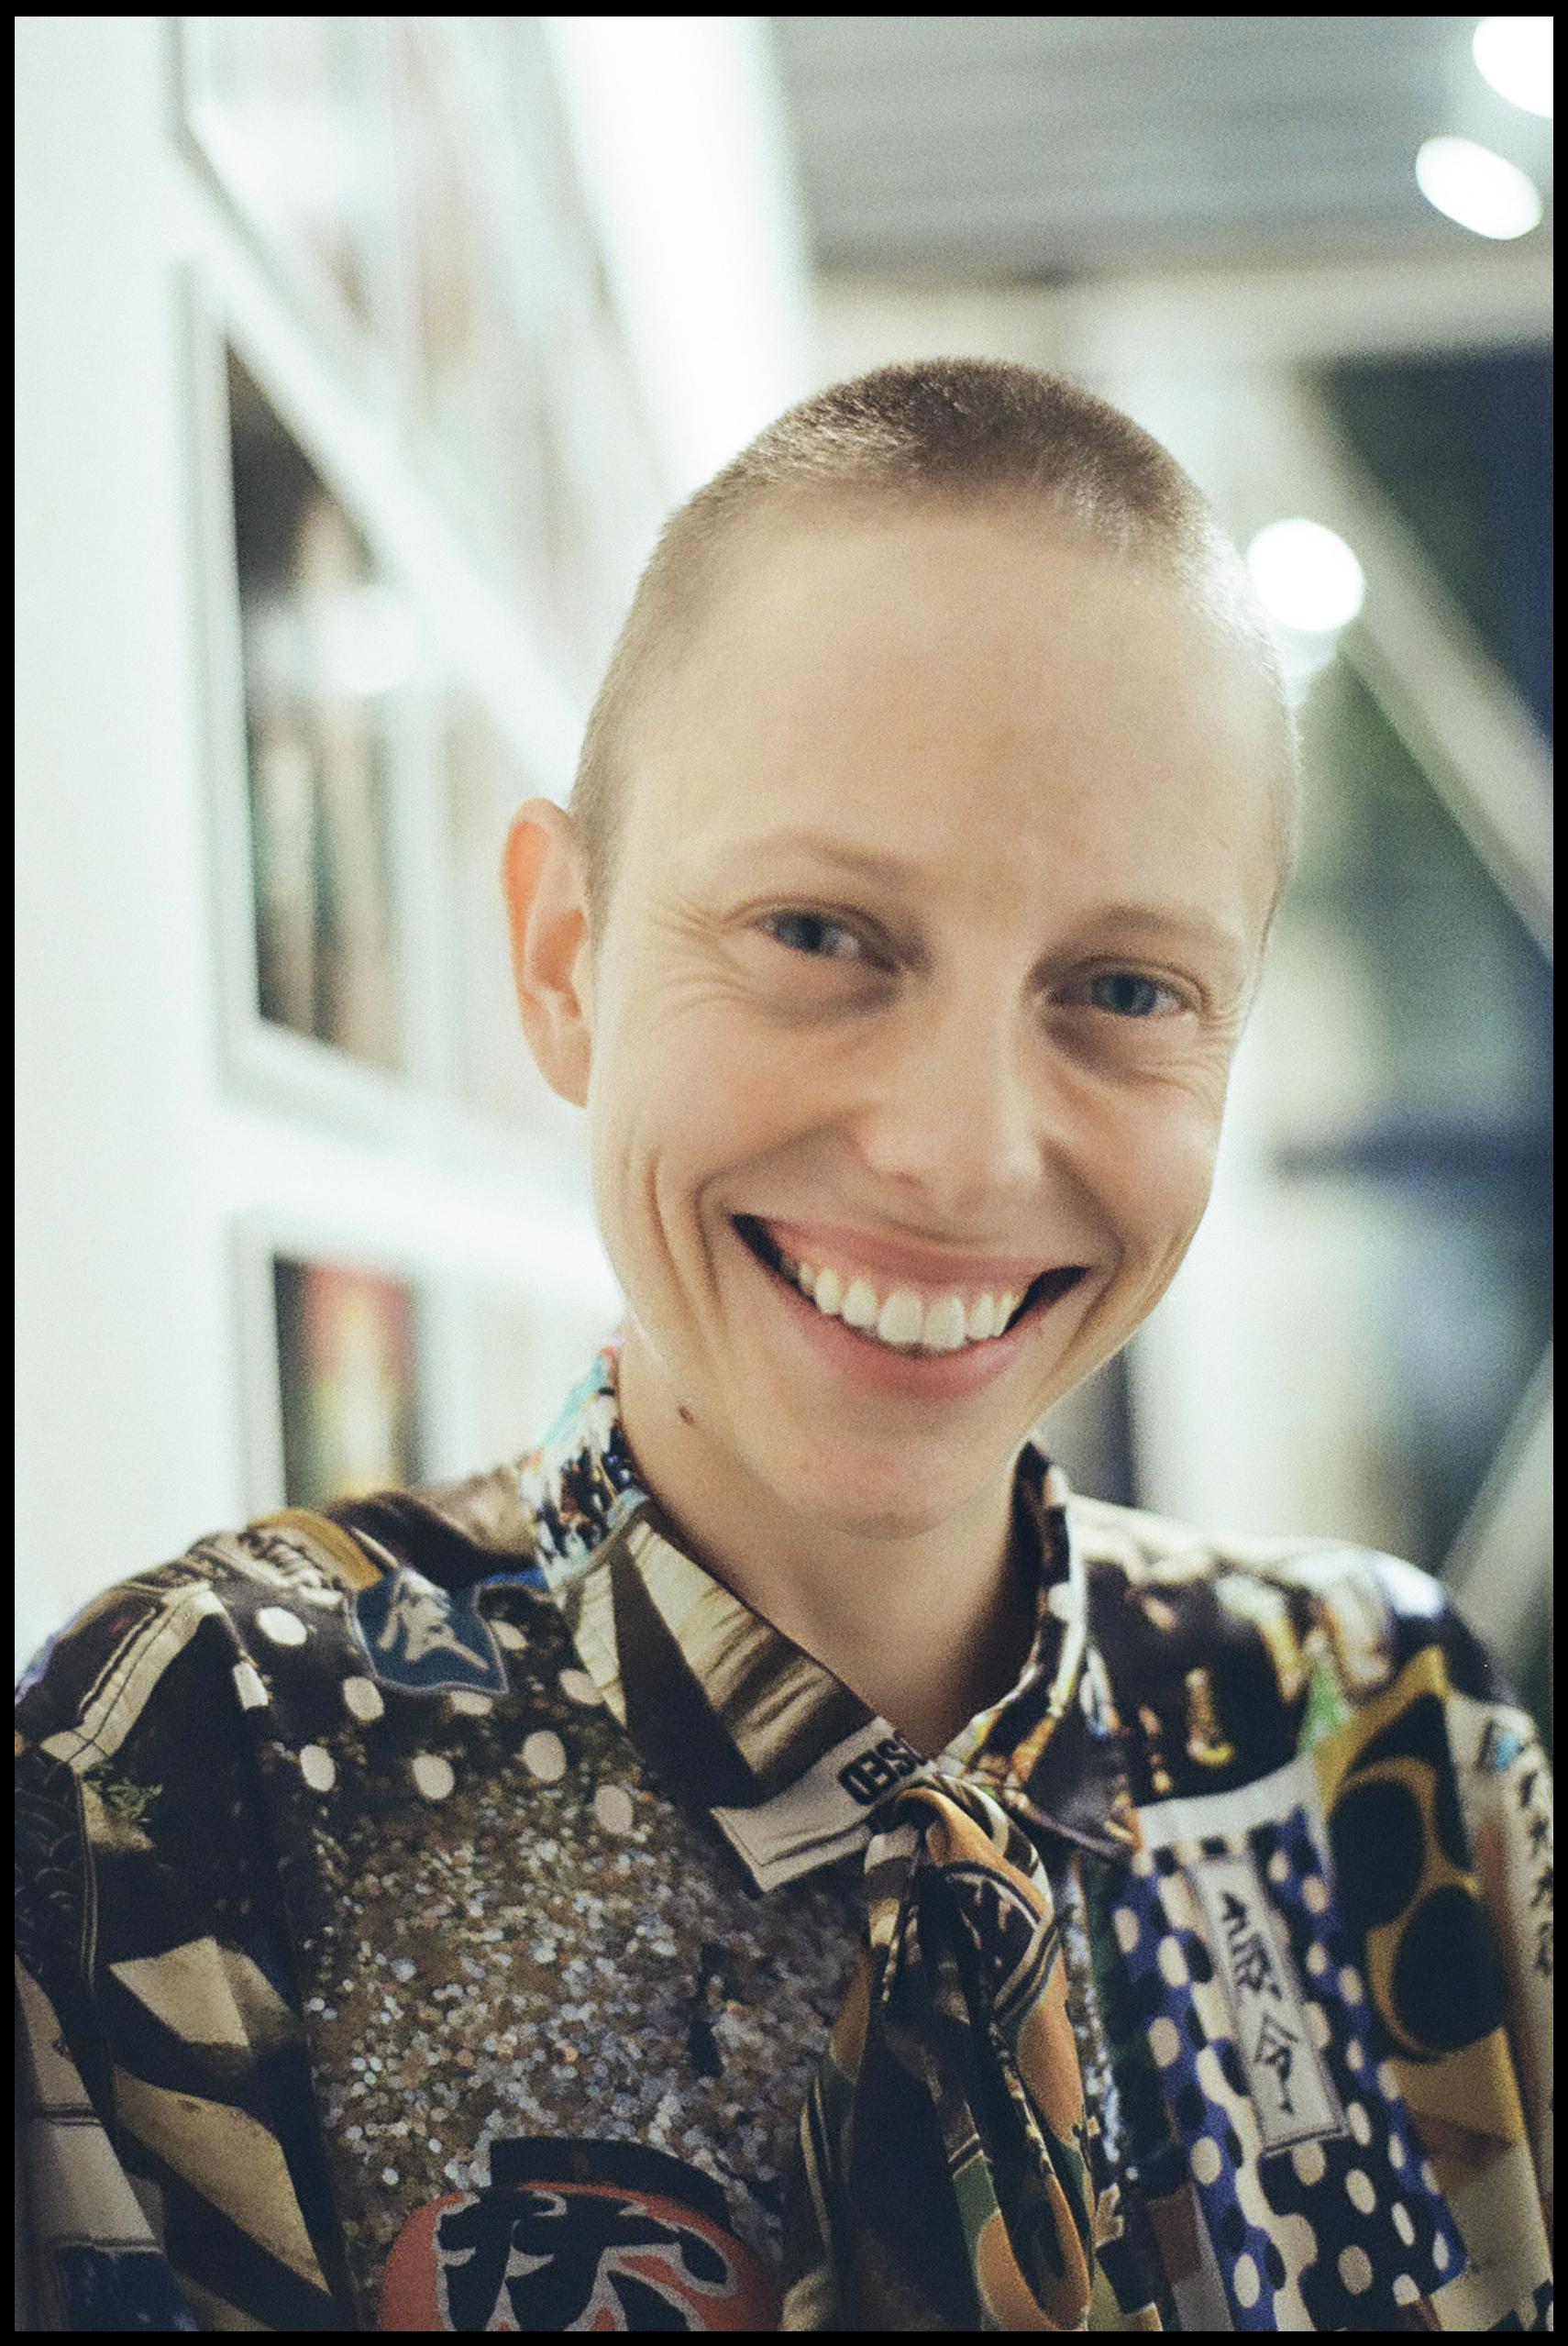 Marie Tomanova / Portraiture